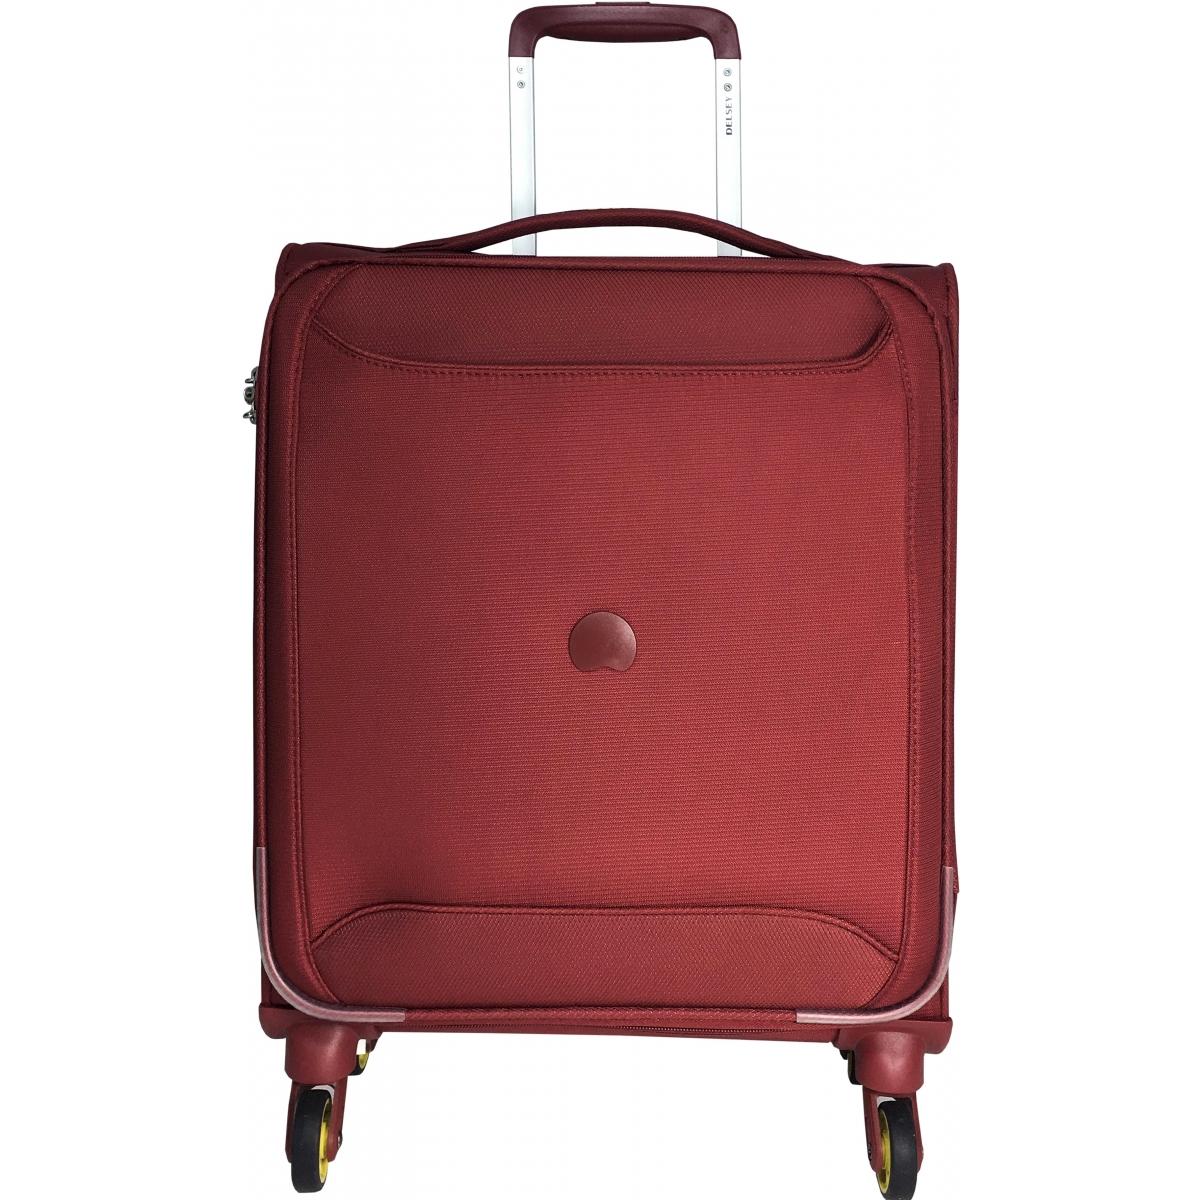 valise cabine souple delsey chartreuse tsa 55 cm chartreuse803 rouge couleur principale